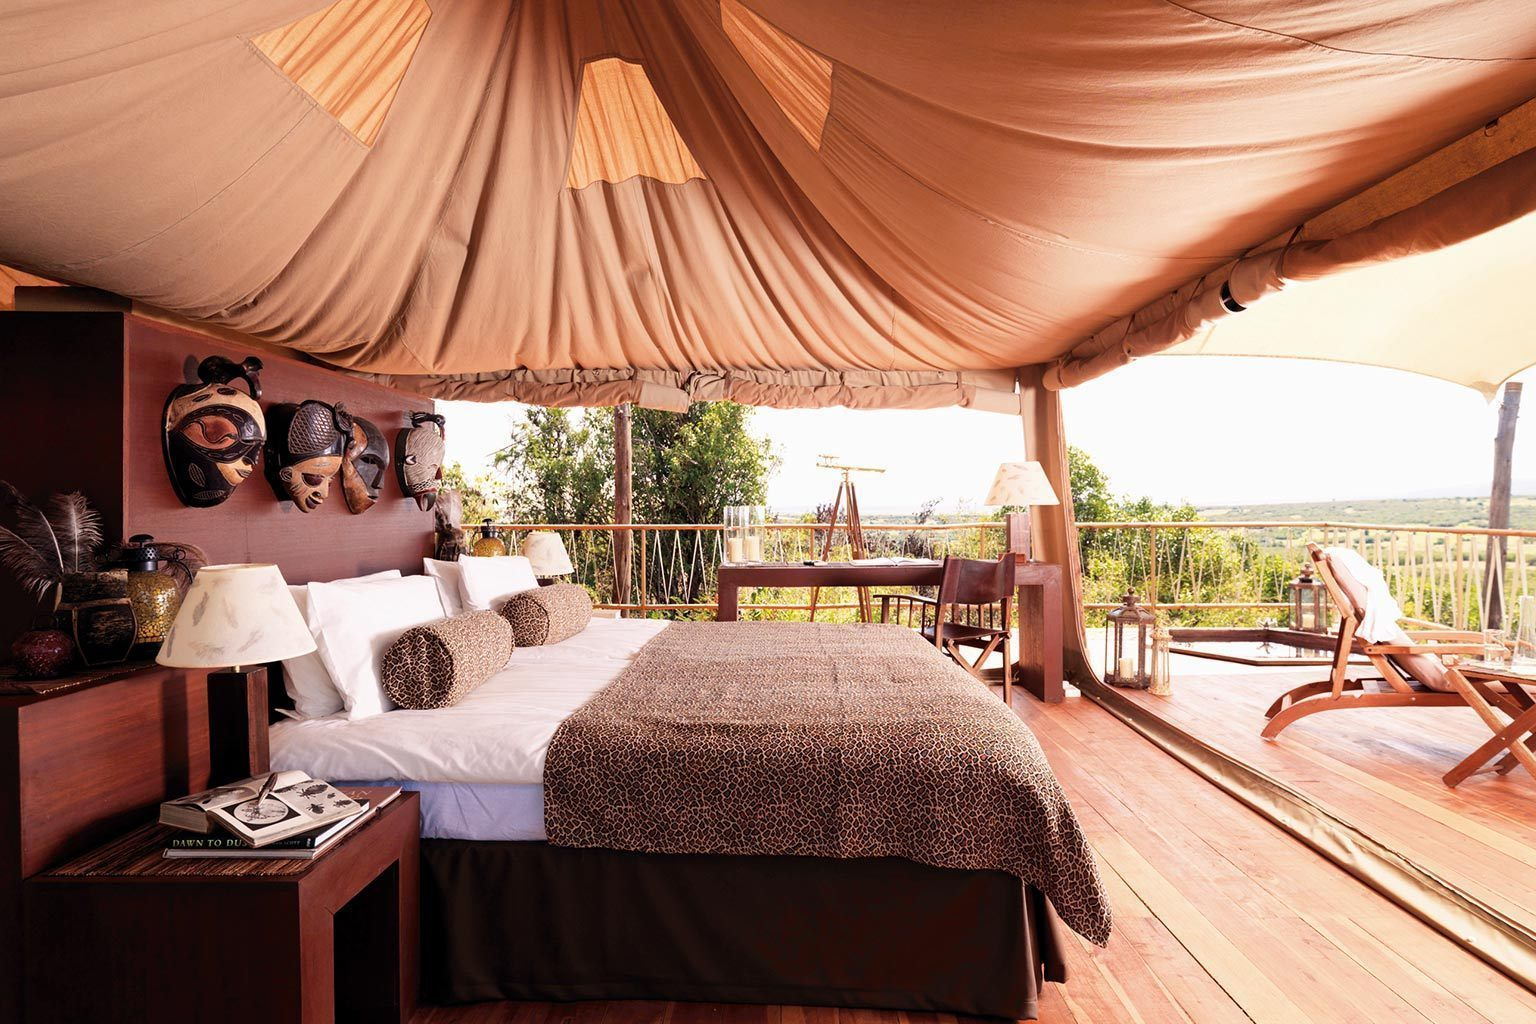 Afrikanisches Schlafzimmer ~ Myhausdesign.co